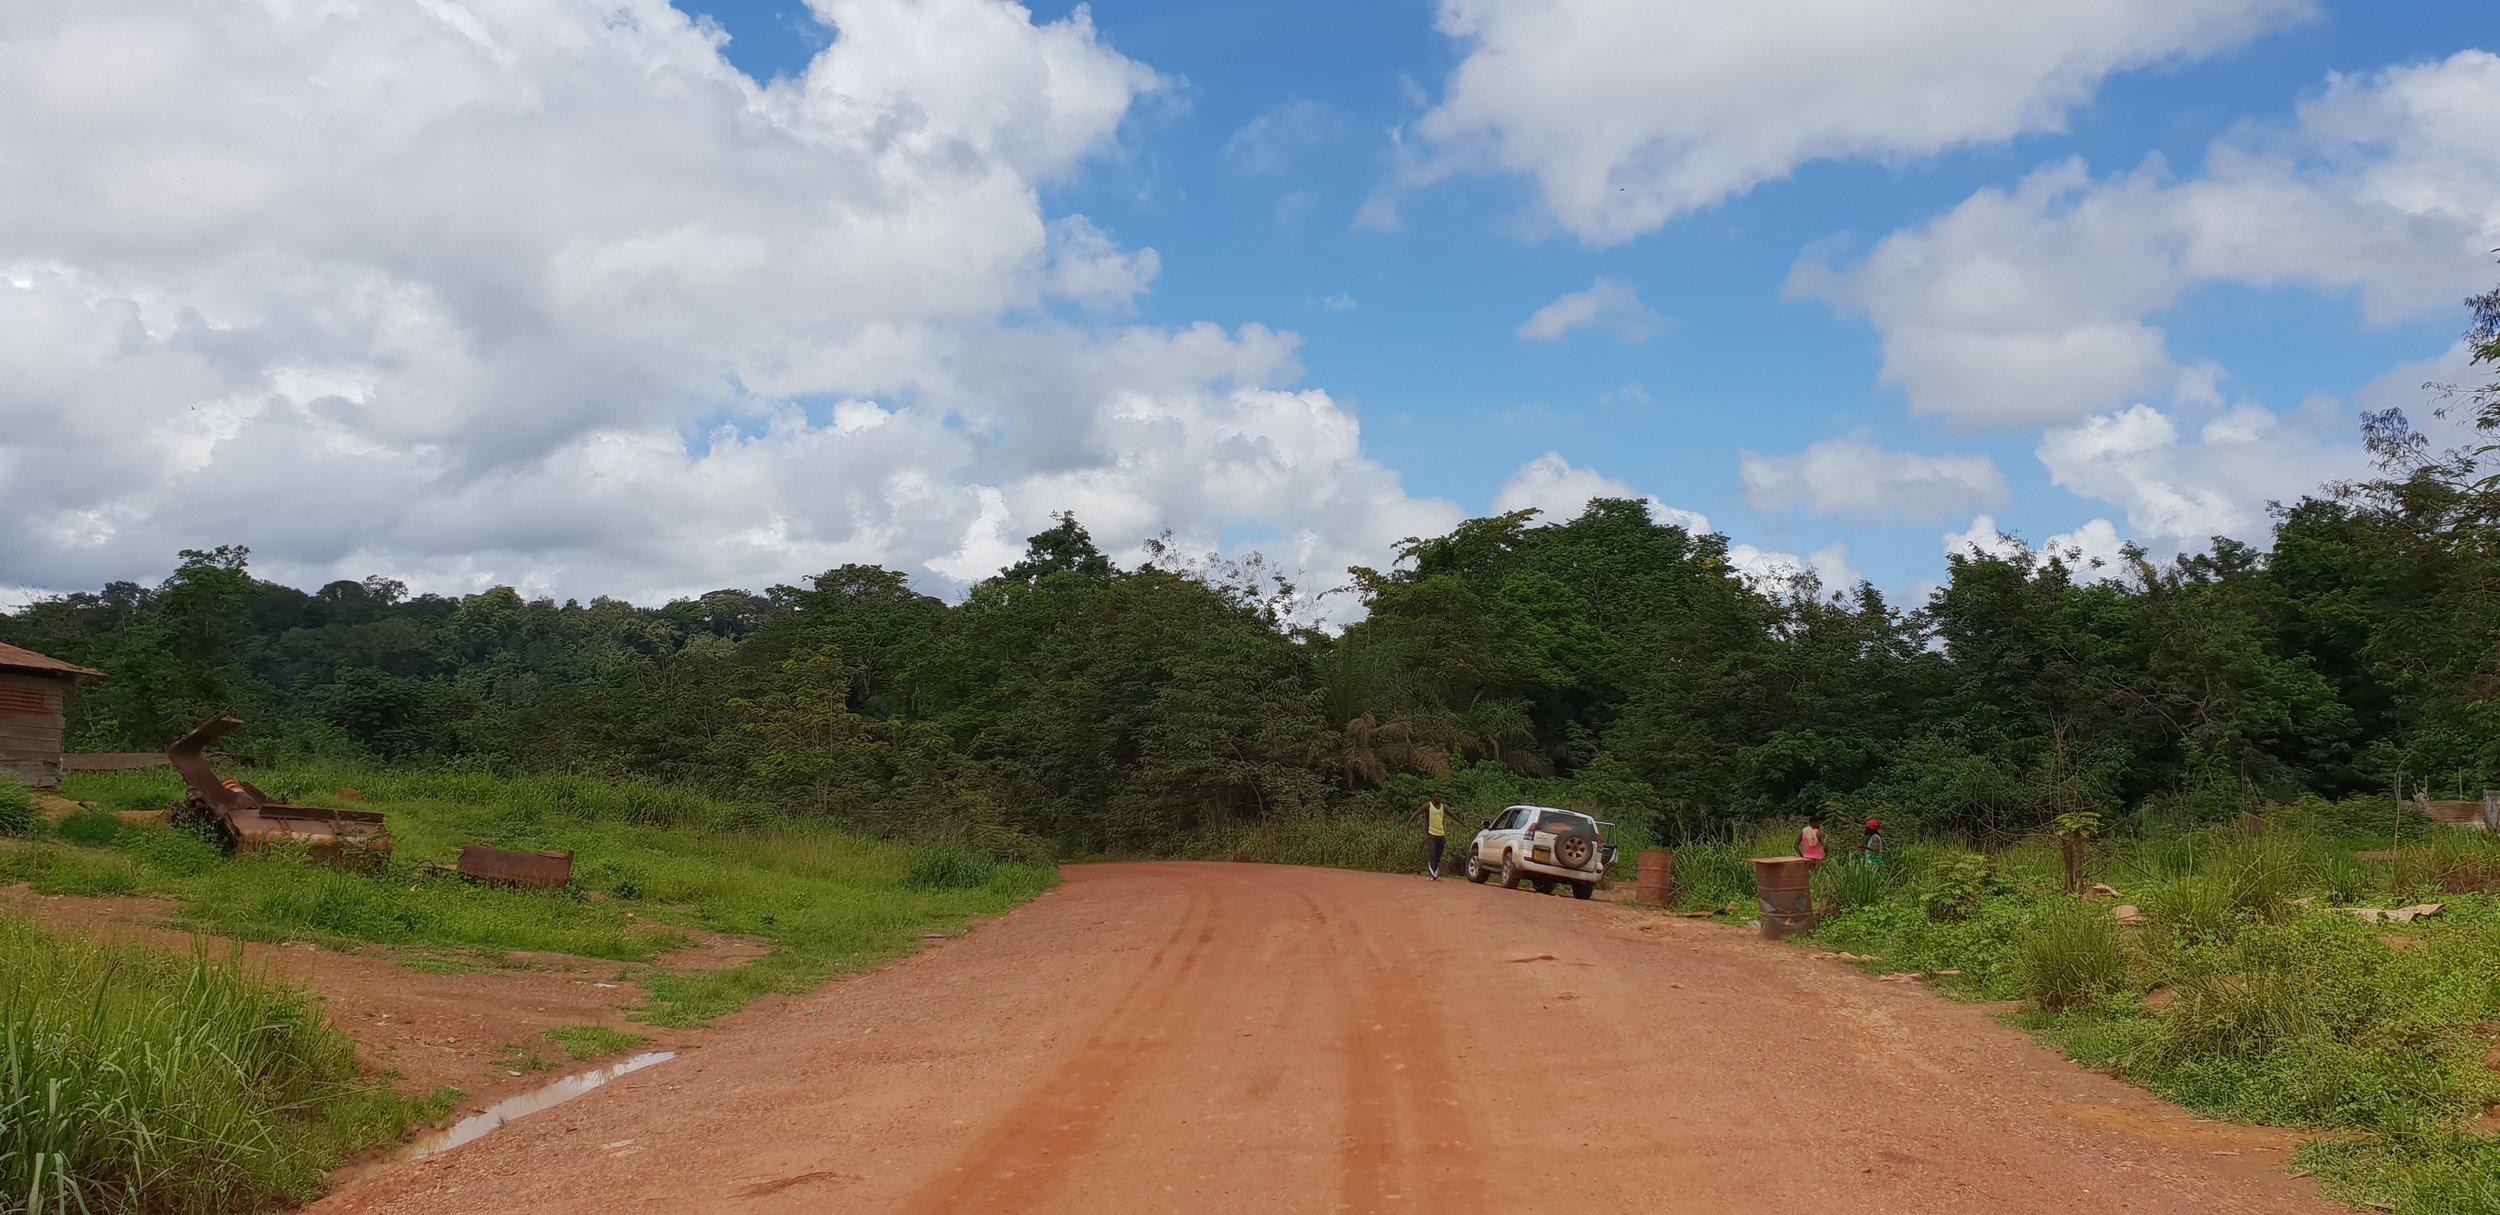 Mikongo village in Gabon